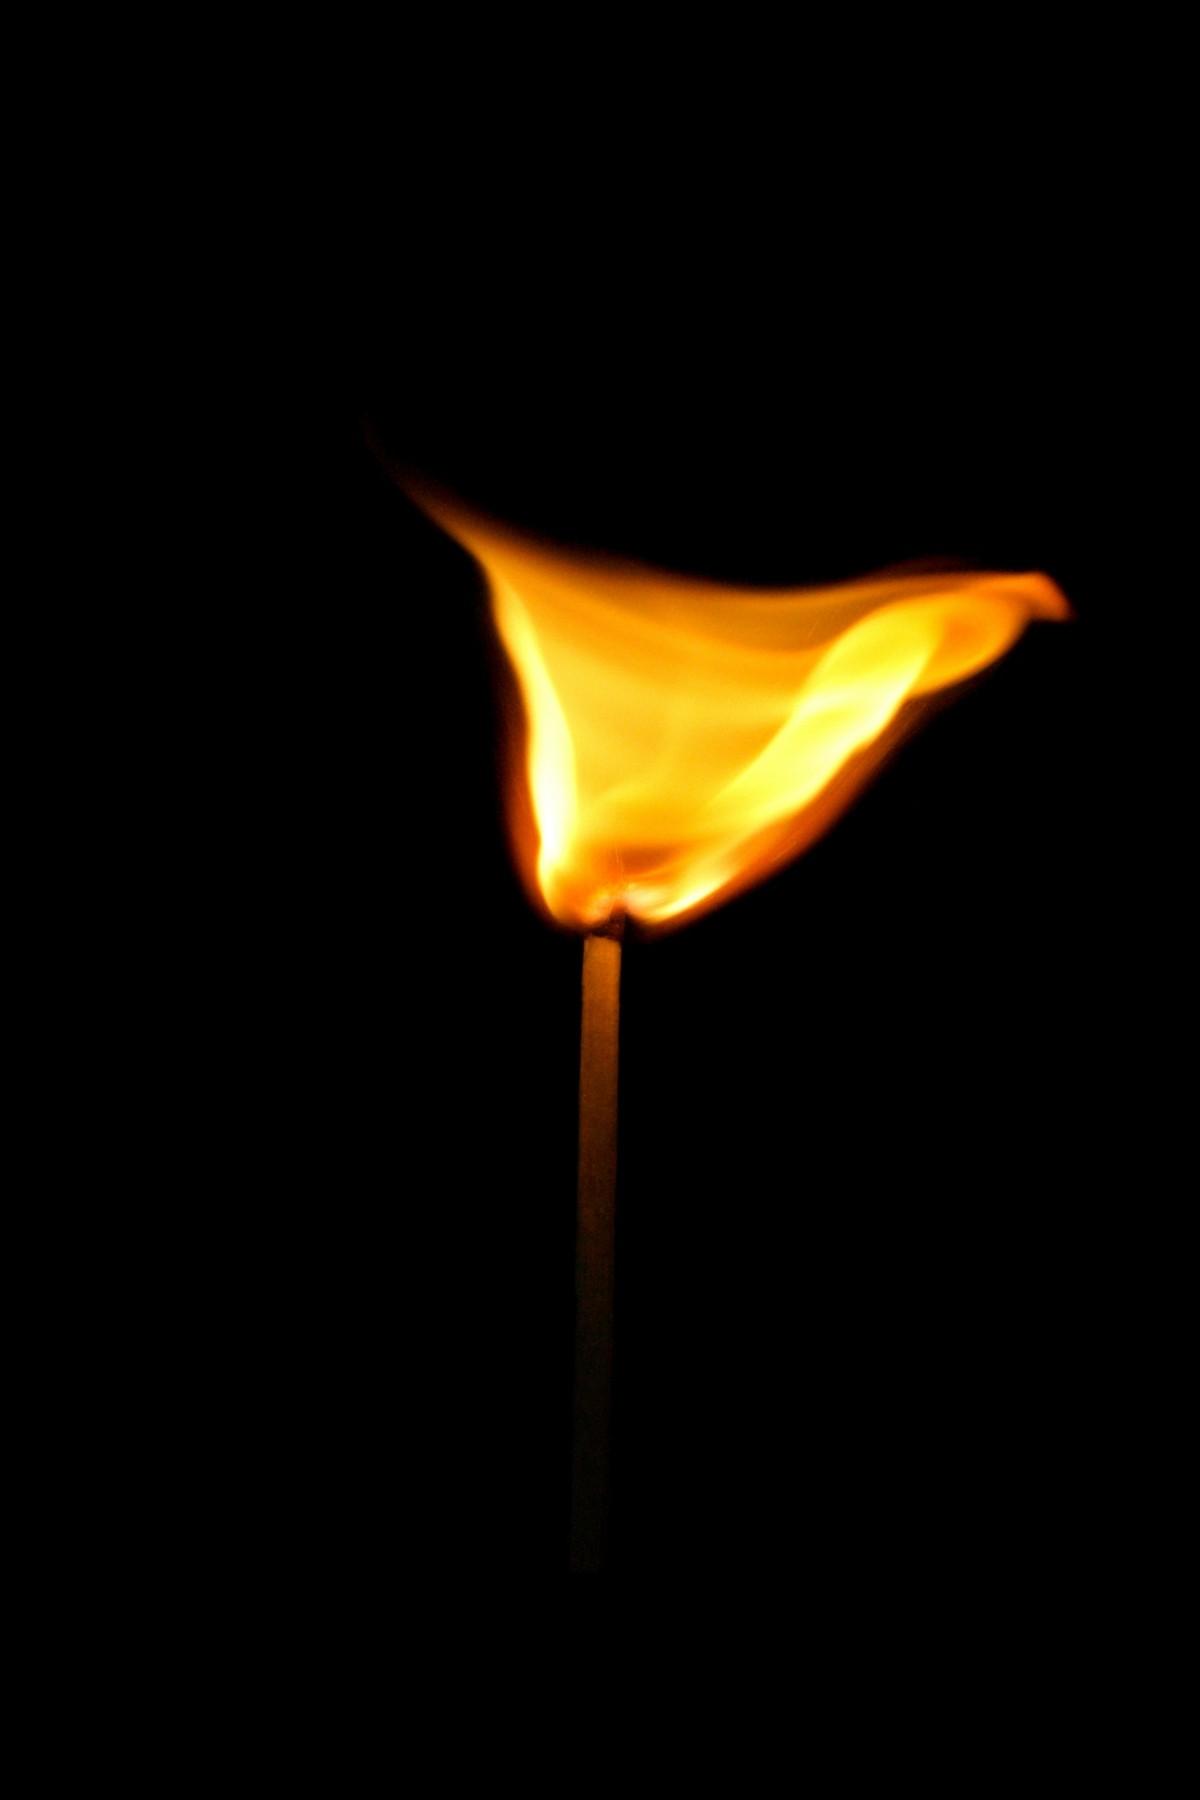 Gambar : cahaya, kayu, gelap, hitam, lilin, penerangan ...